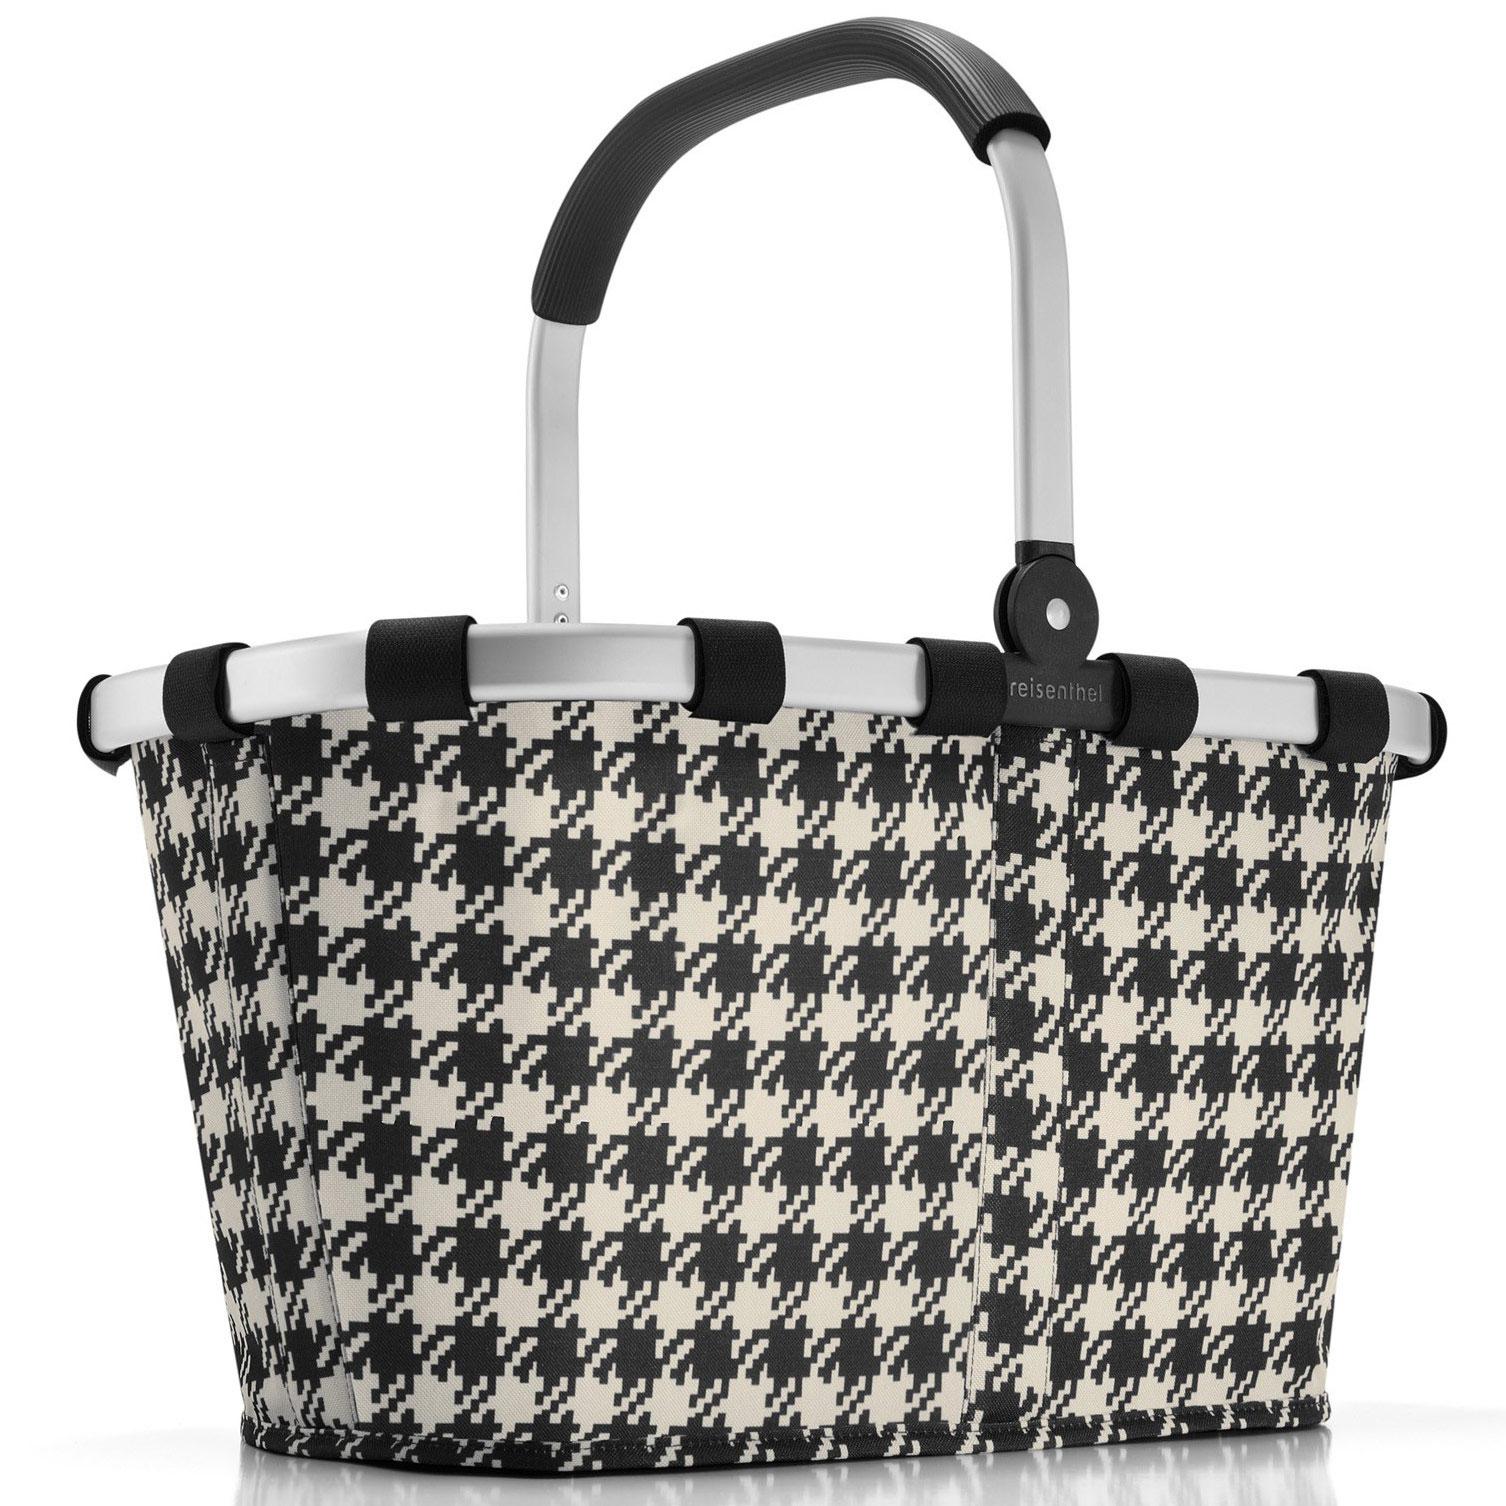 reisenthel Carrybag, Shopping Basket, Shopper, fifties black, BK7028 at  About-Tea.de Shop